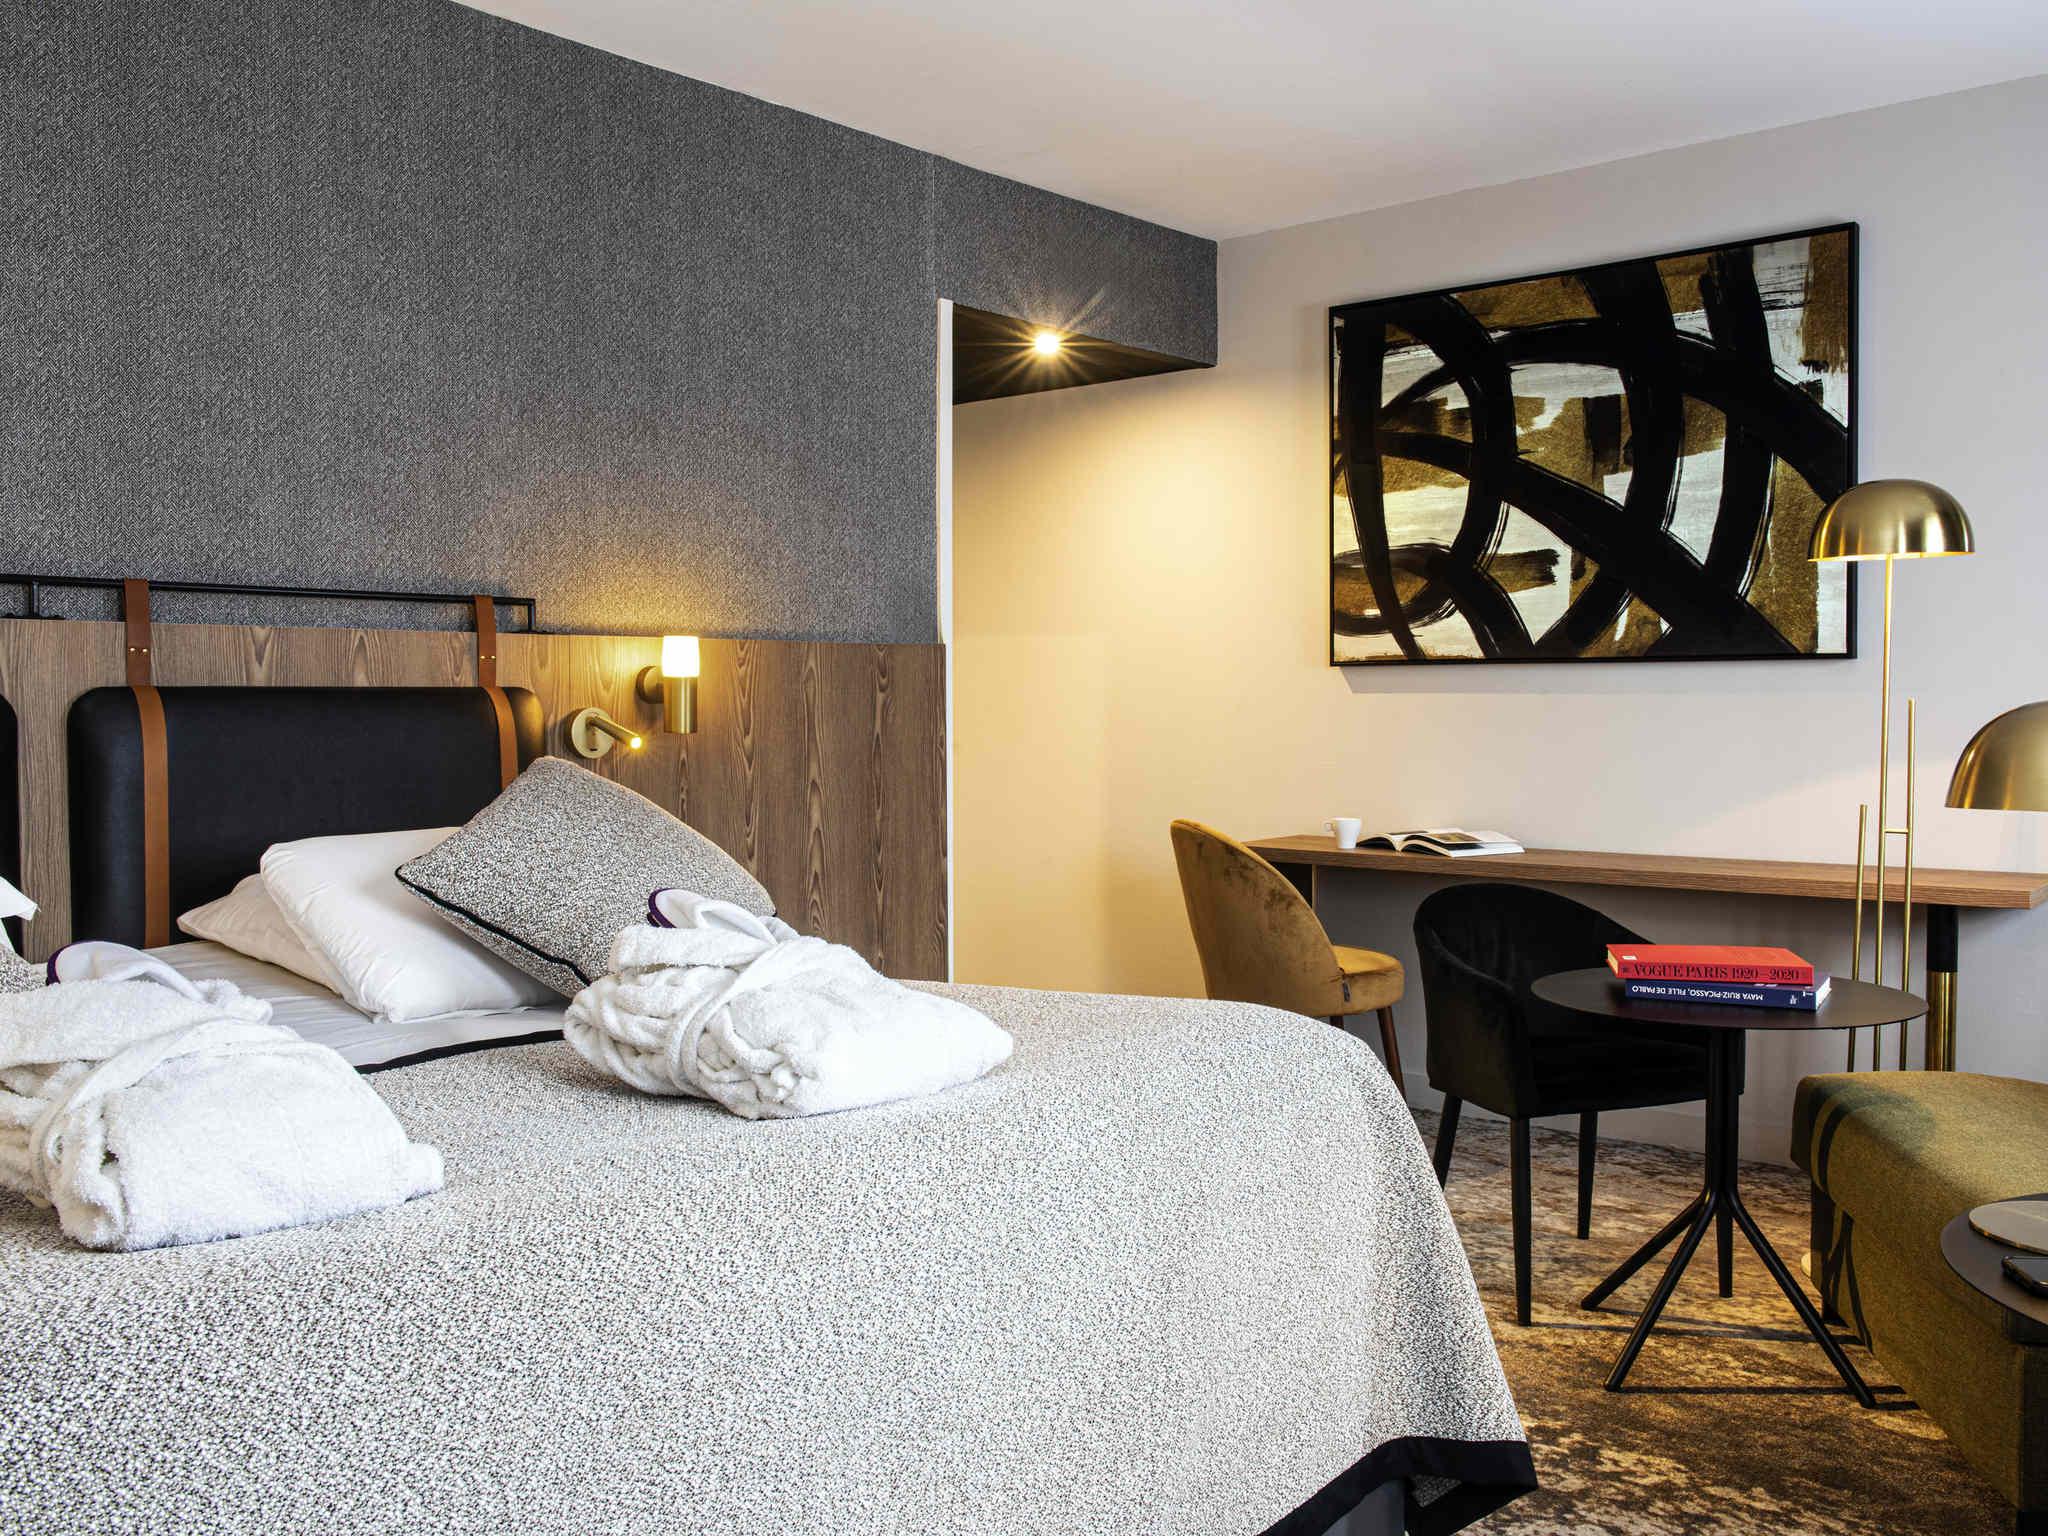 Hotel in CARCASSONNE Mercure Carcassonne La Cité hotel